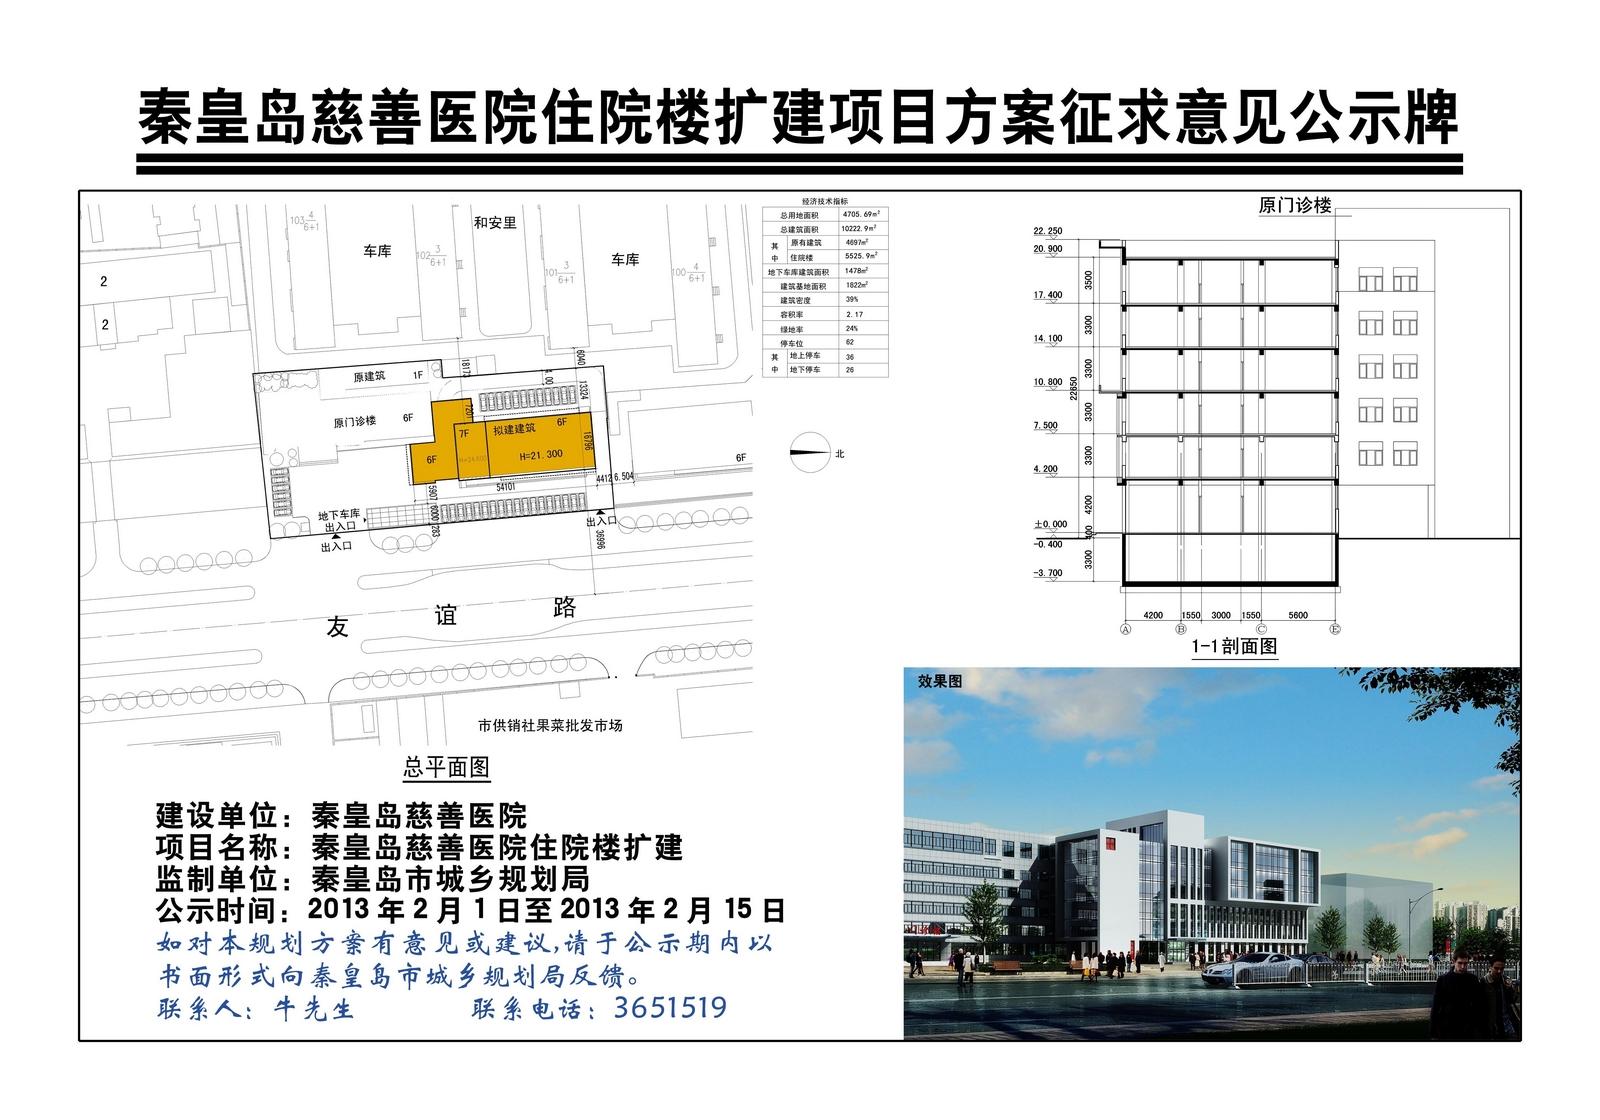 秦皇岛慈善医院住院楼扩建项目方案征求意见公示